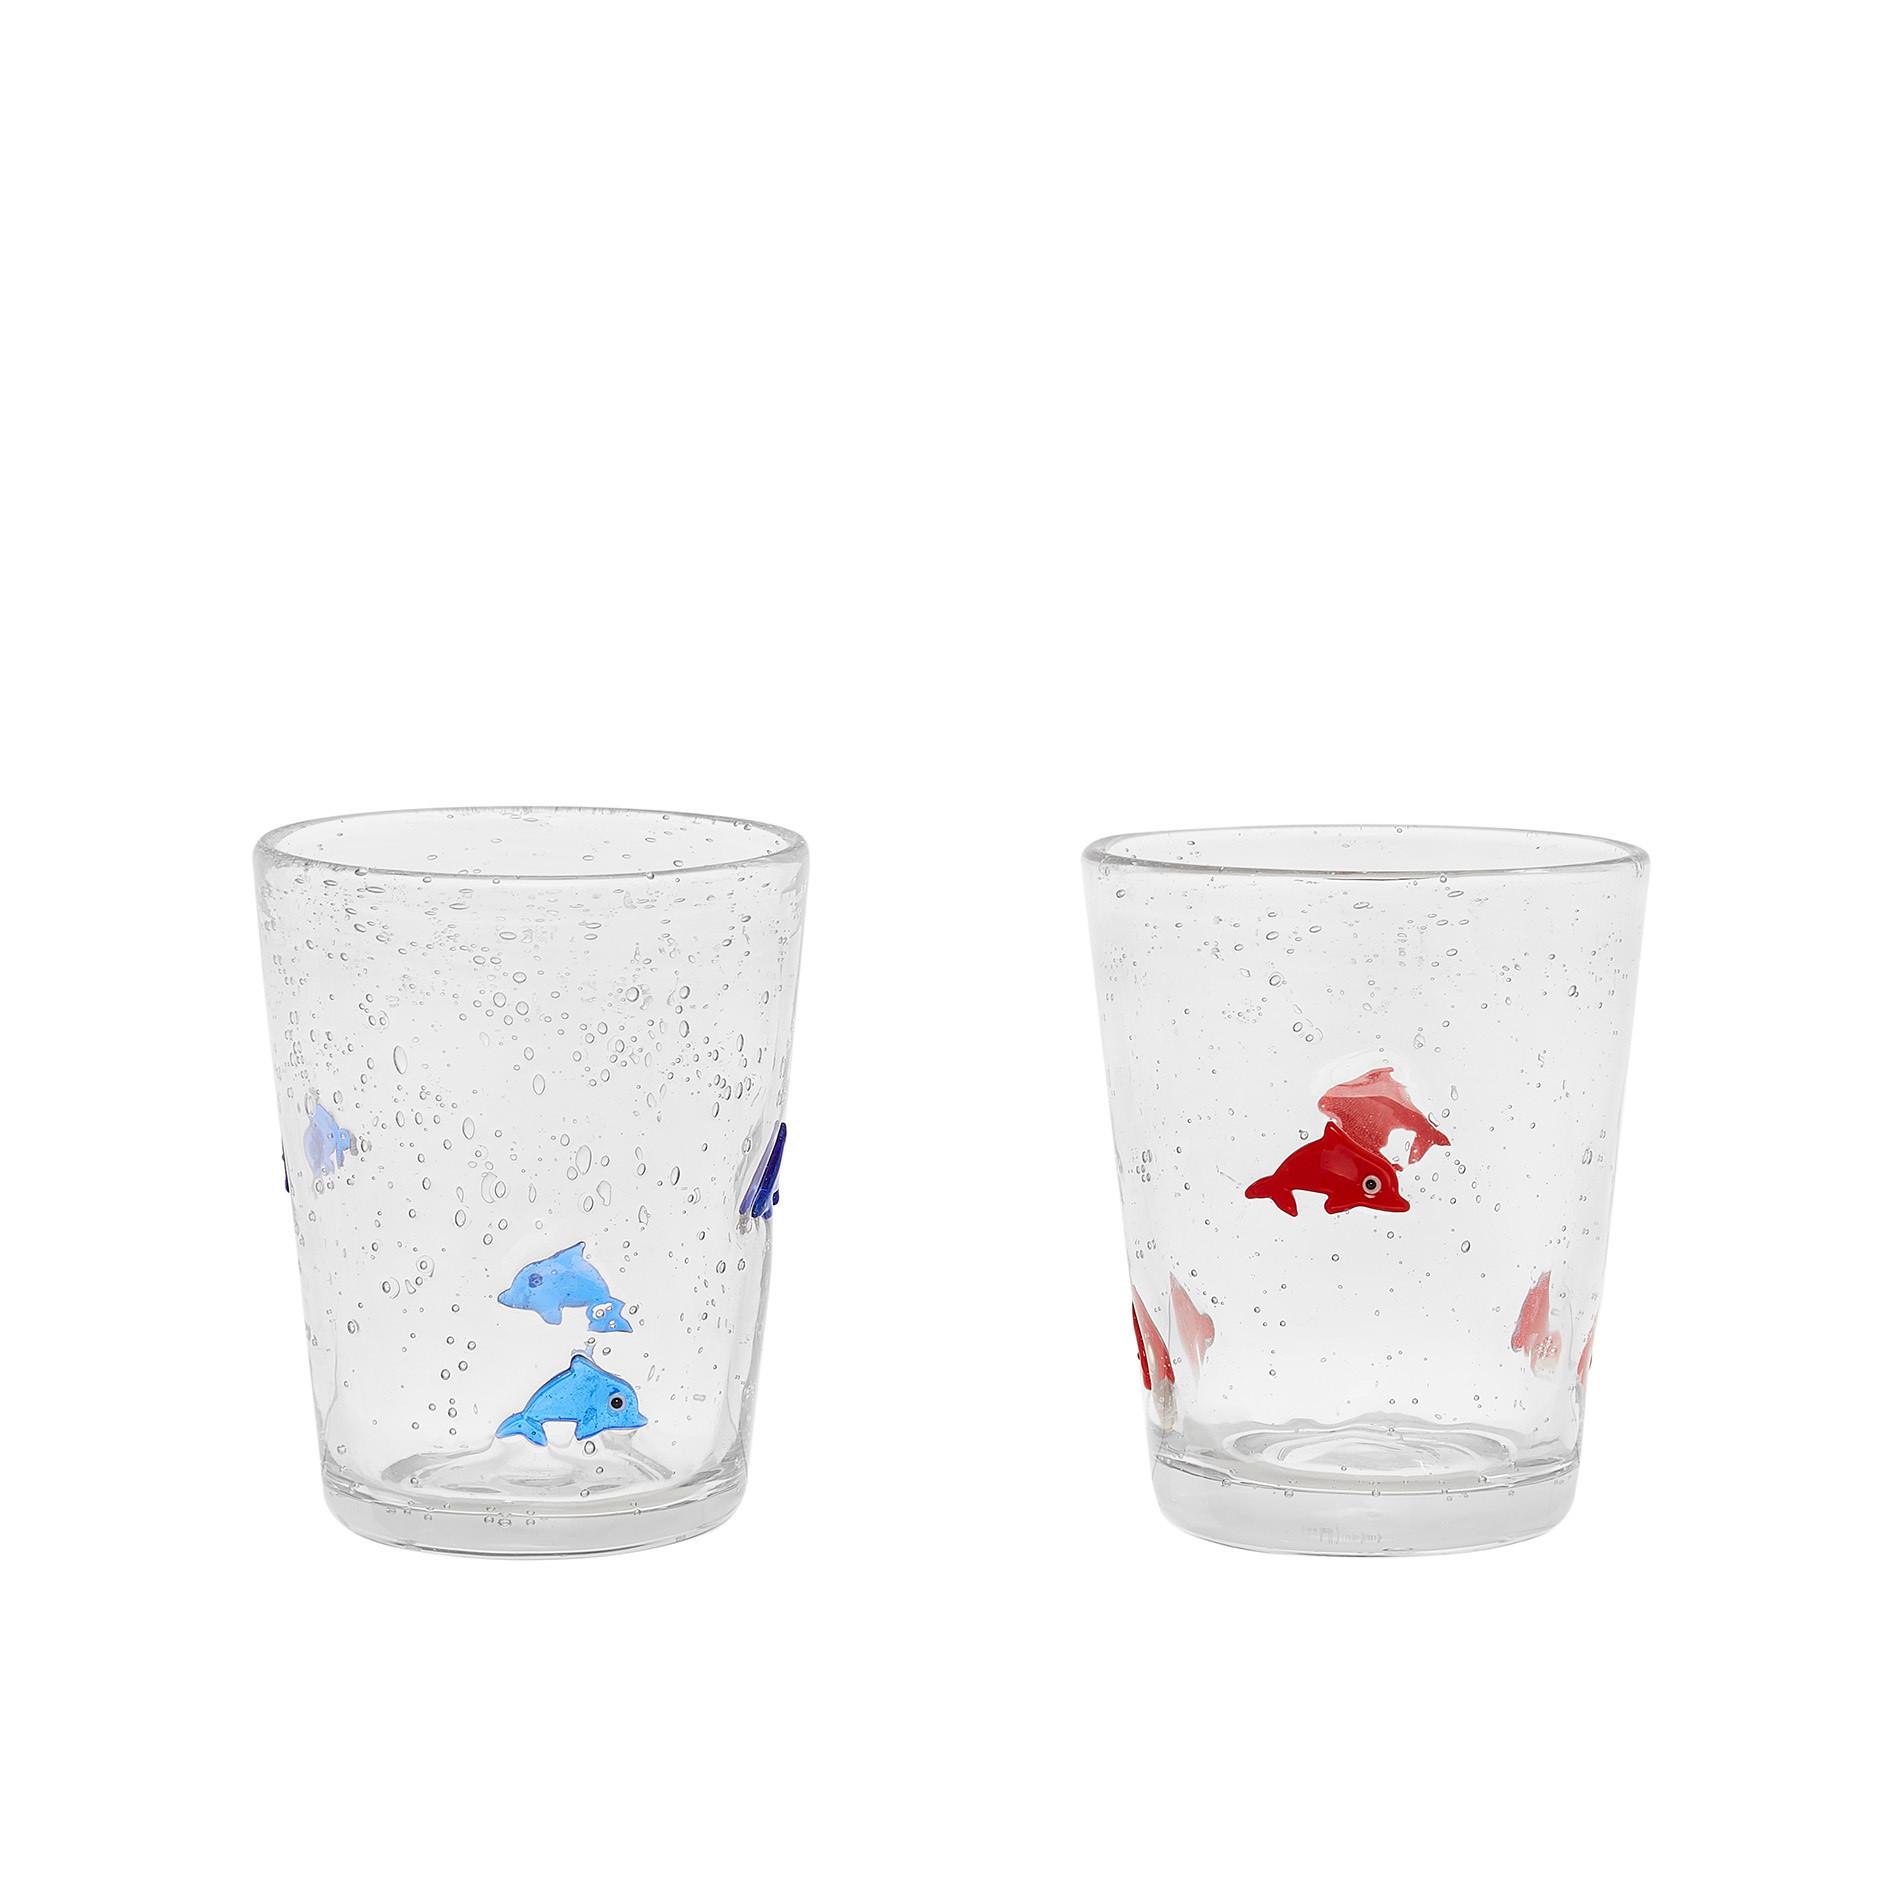 Bicchiere vetro decoro murrine, Trasparente, large image number 0